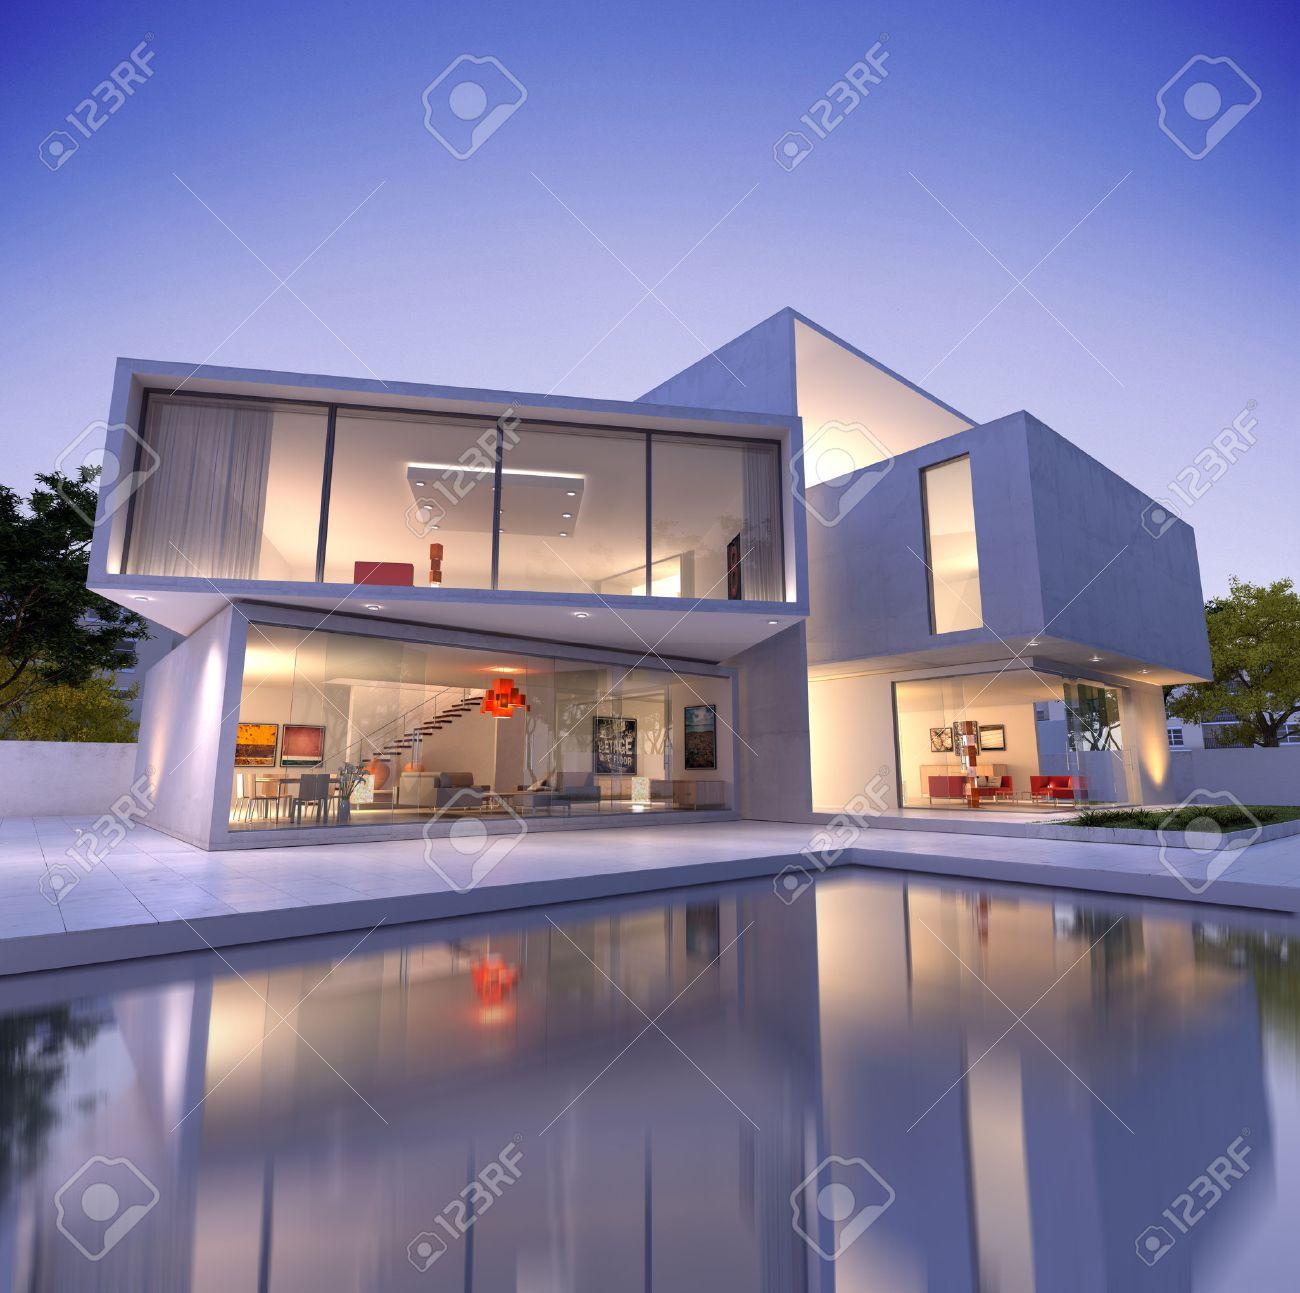 Außenansicht Von Einem Modernen Haus Mit Pool In Der Abenddämmerung ...